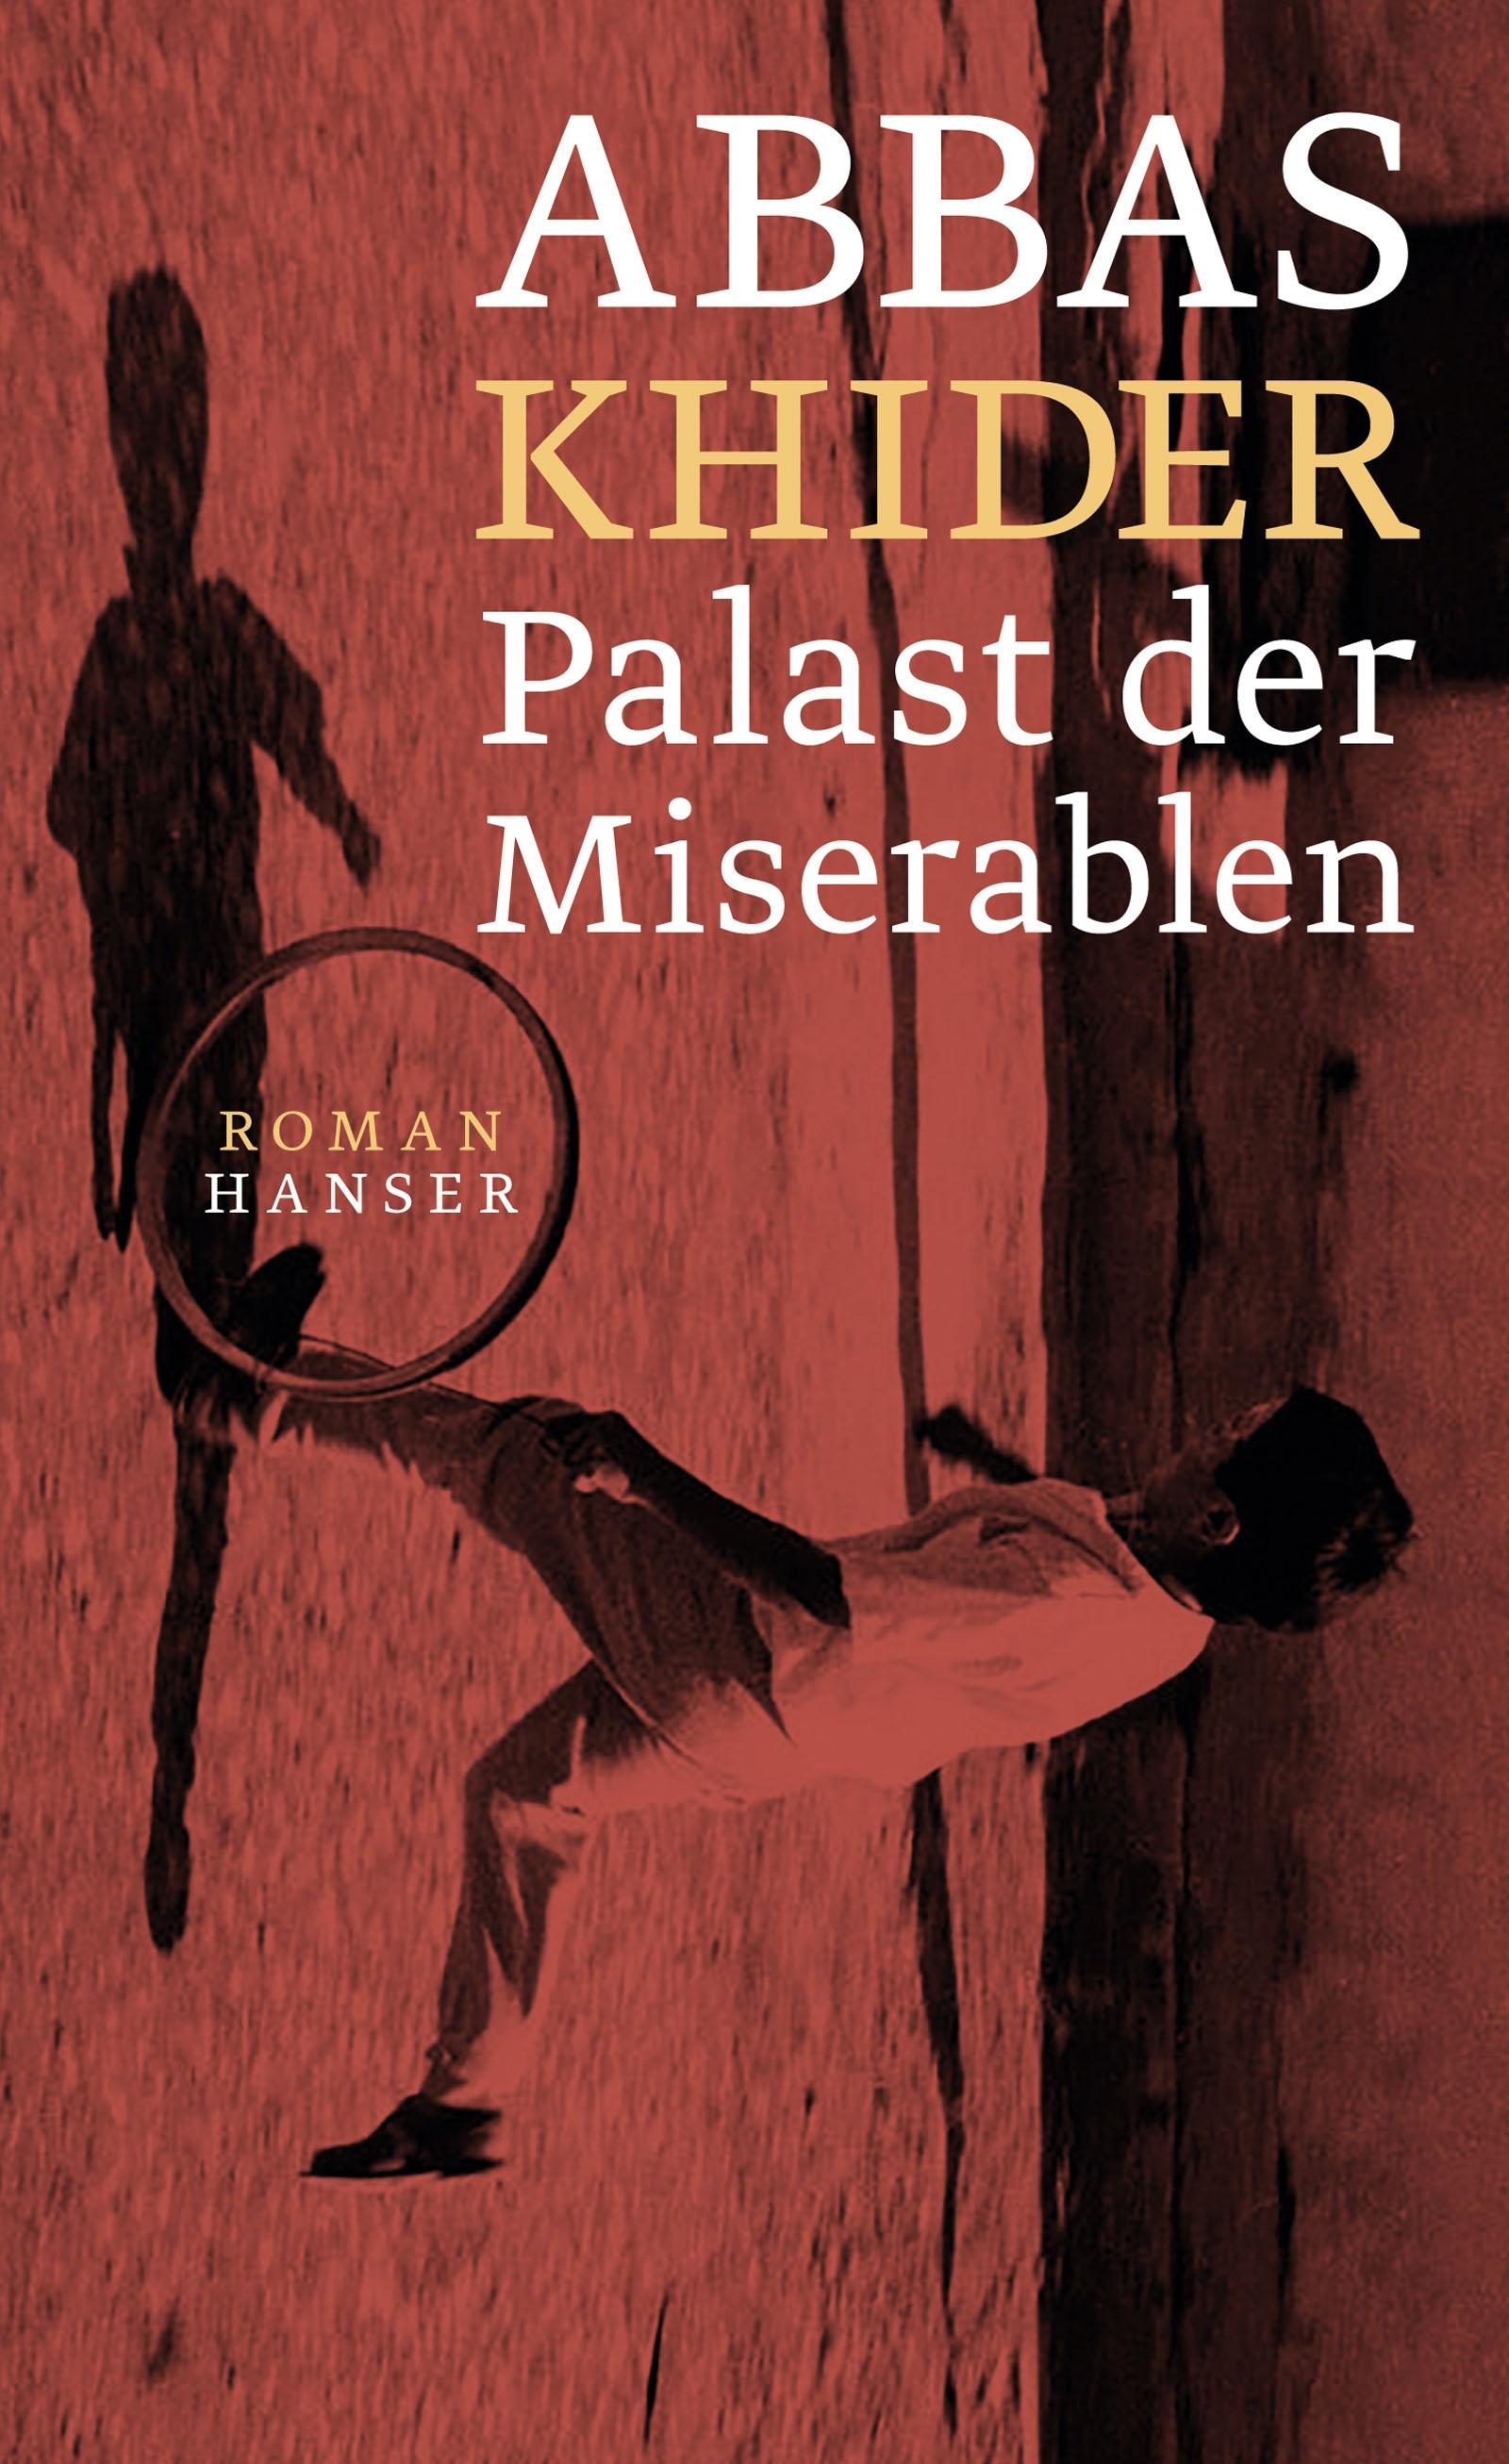 https://www.hanser-literaturverlage.de/buch/palast-der-miserablen/978-3-446-26565-3/